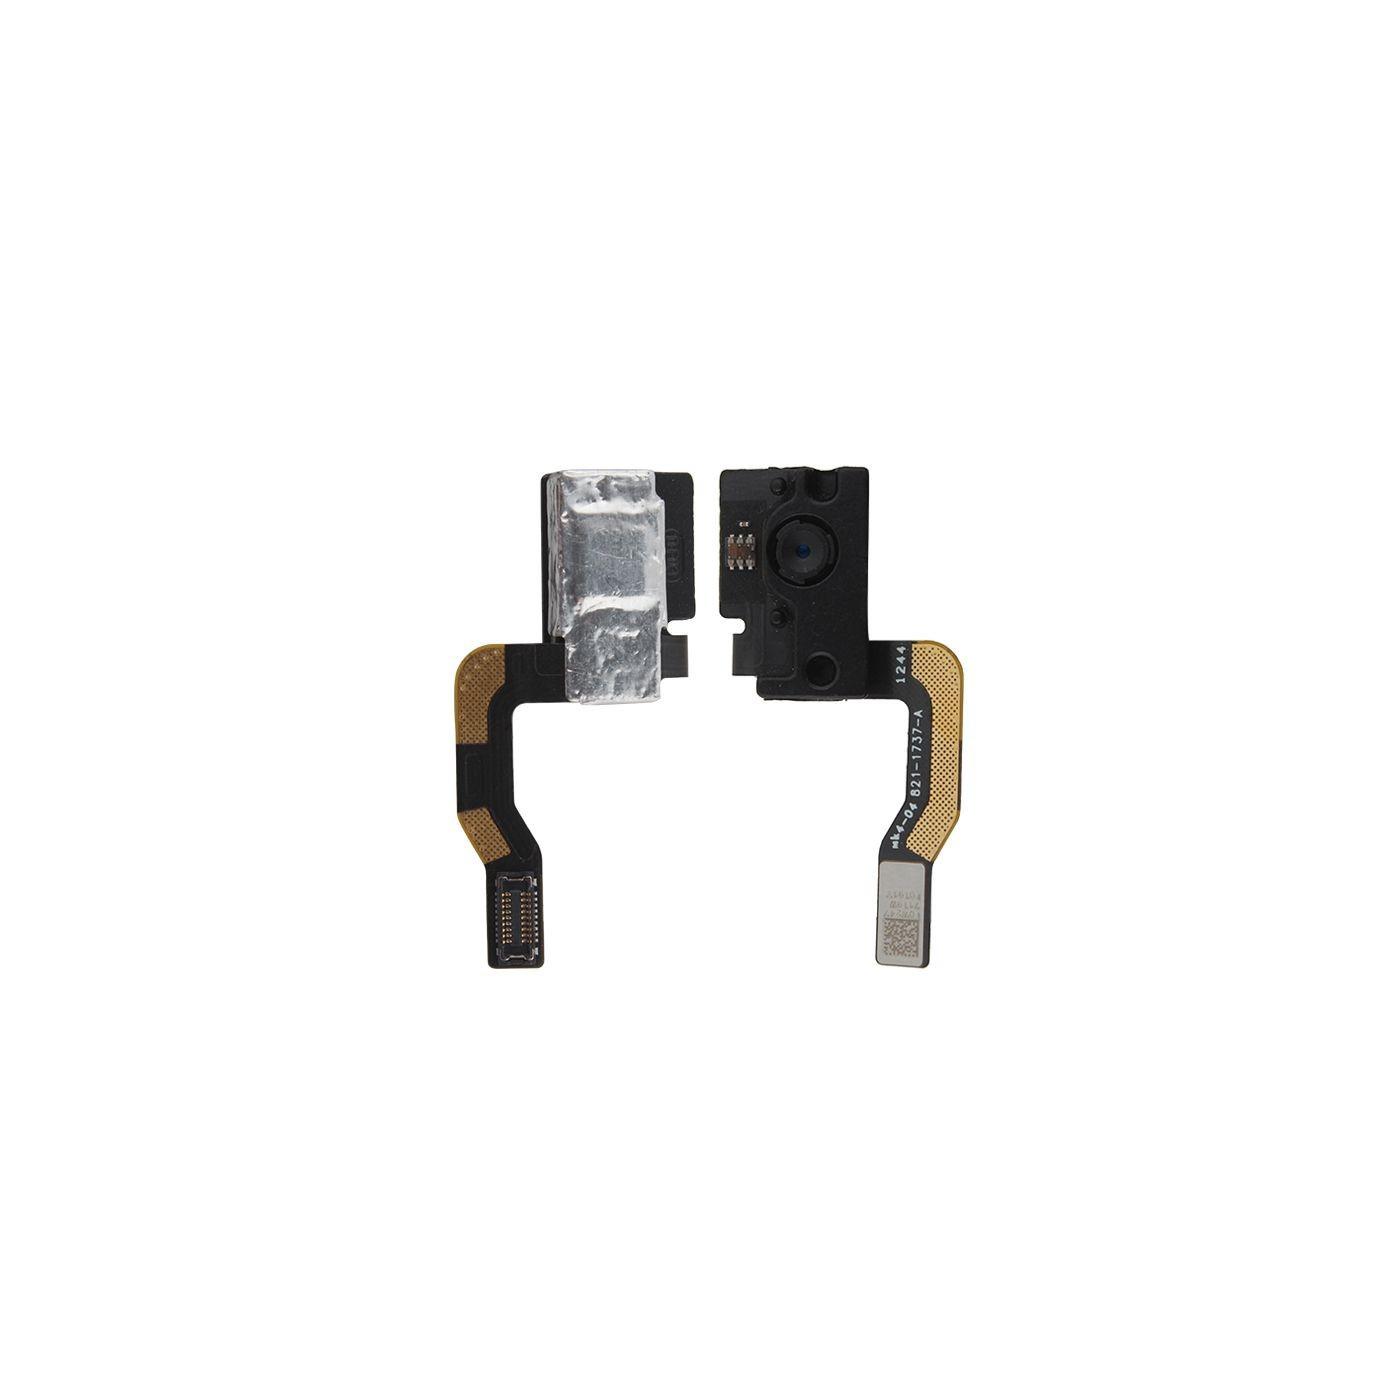 Caméra frontale avant pour Apple ipad 4 avant remplacement